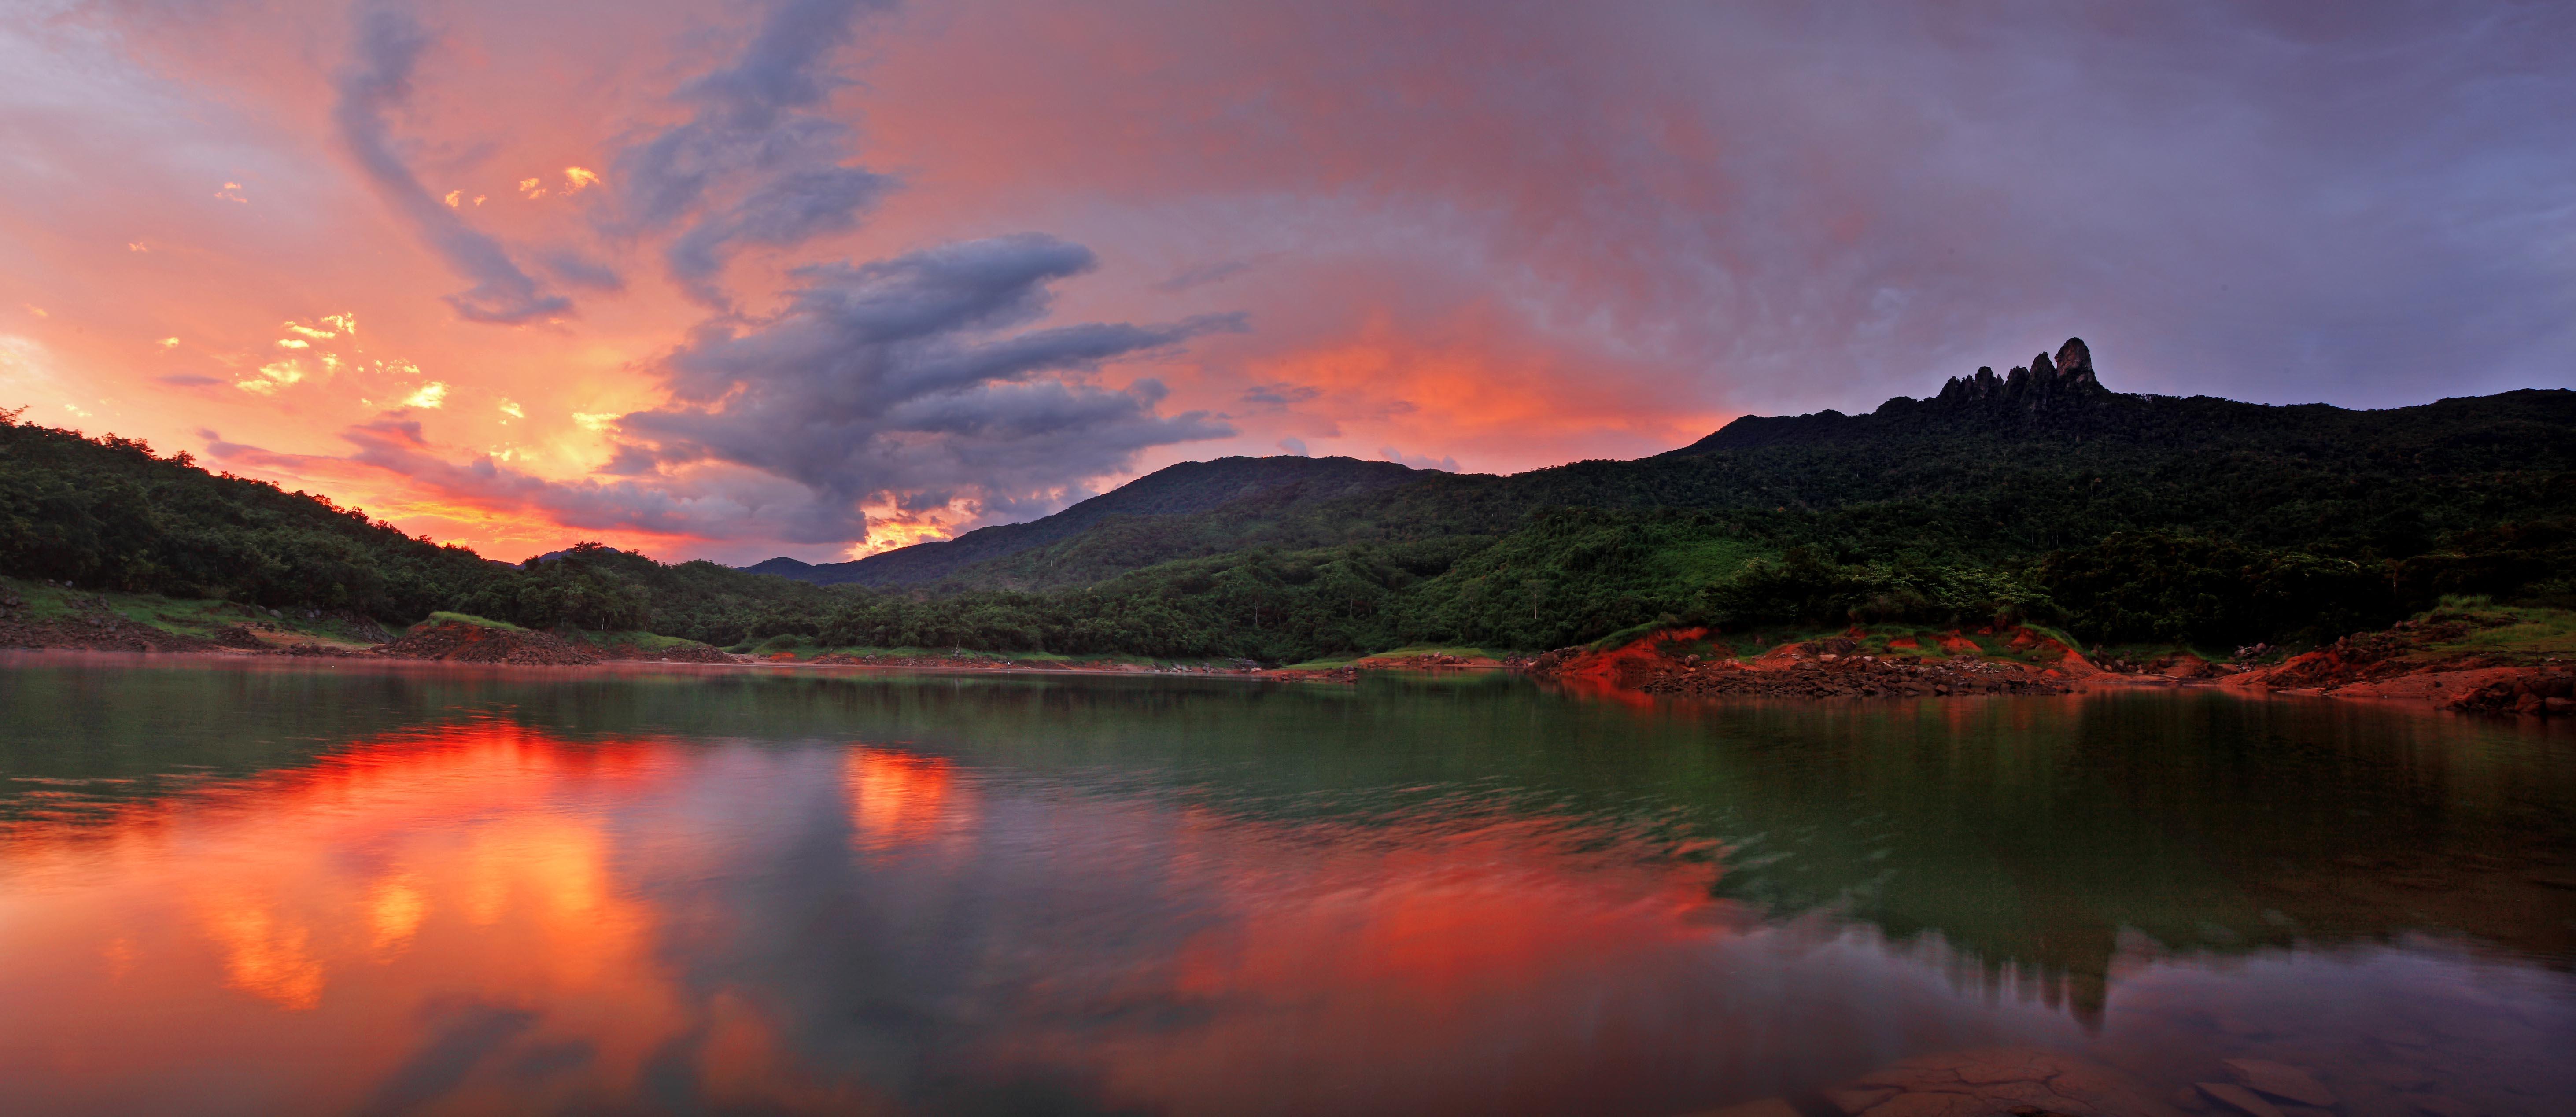 七仙岭温泉国家森林公园 热带雨林猎奇之旅